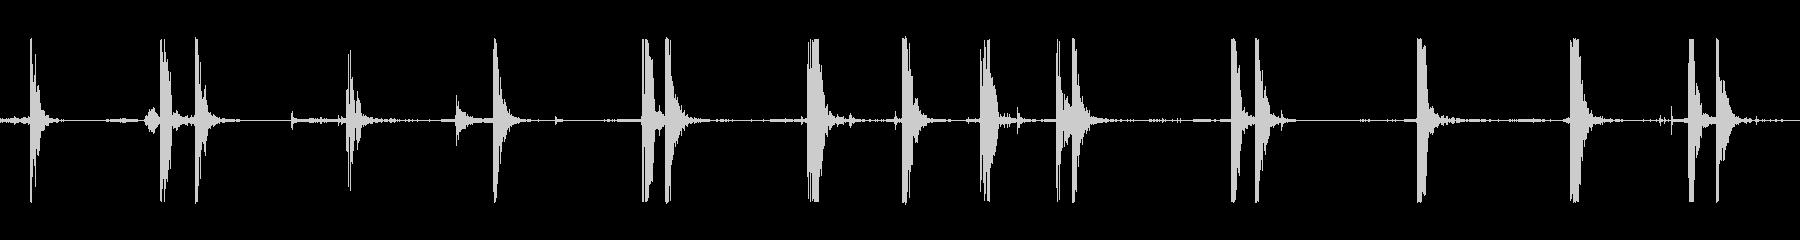 足音ブートストンプヒトラーcの未再生の波形